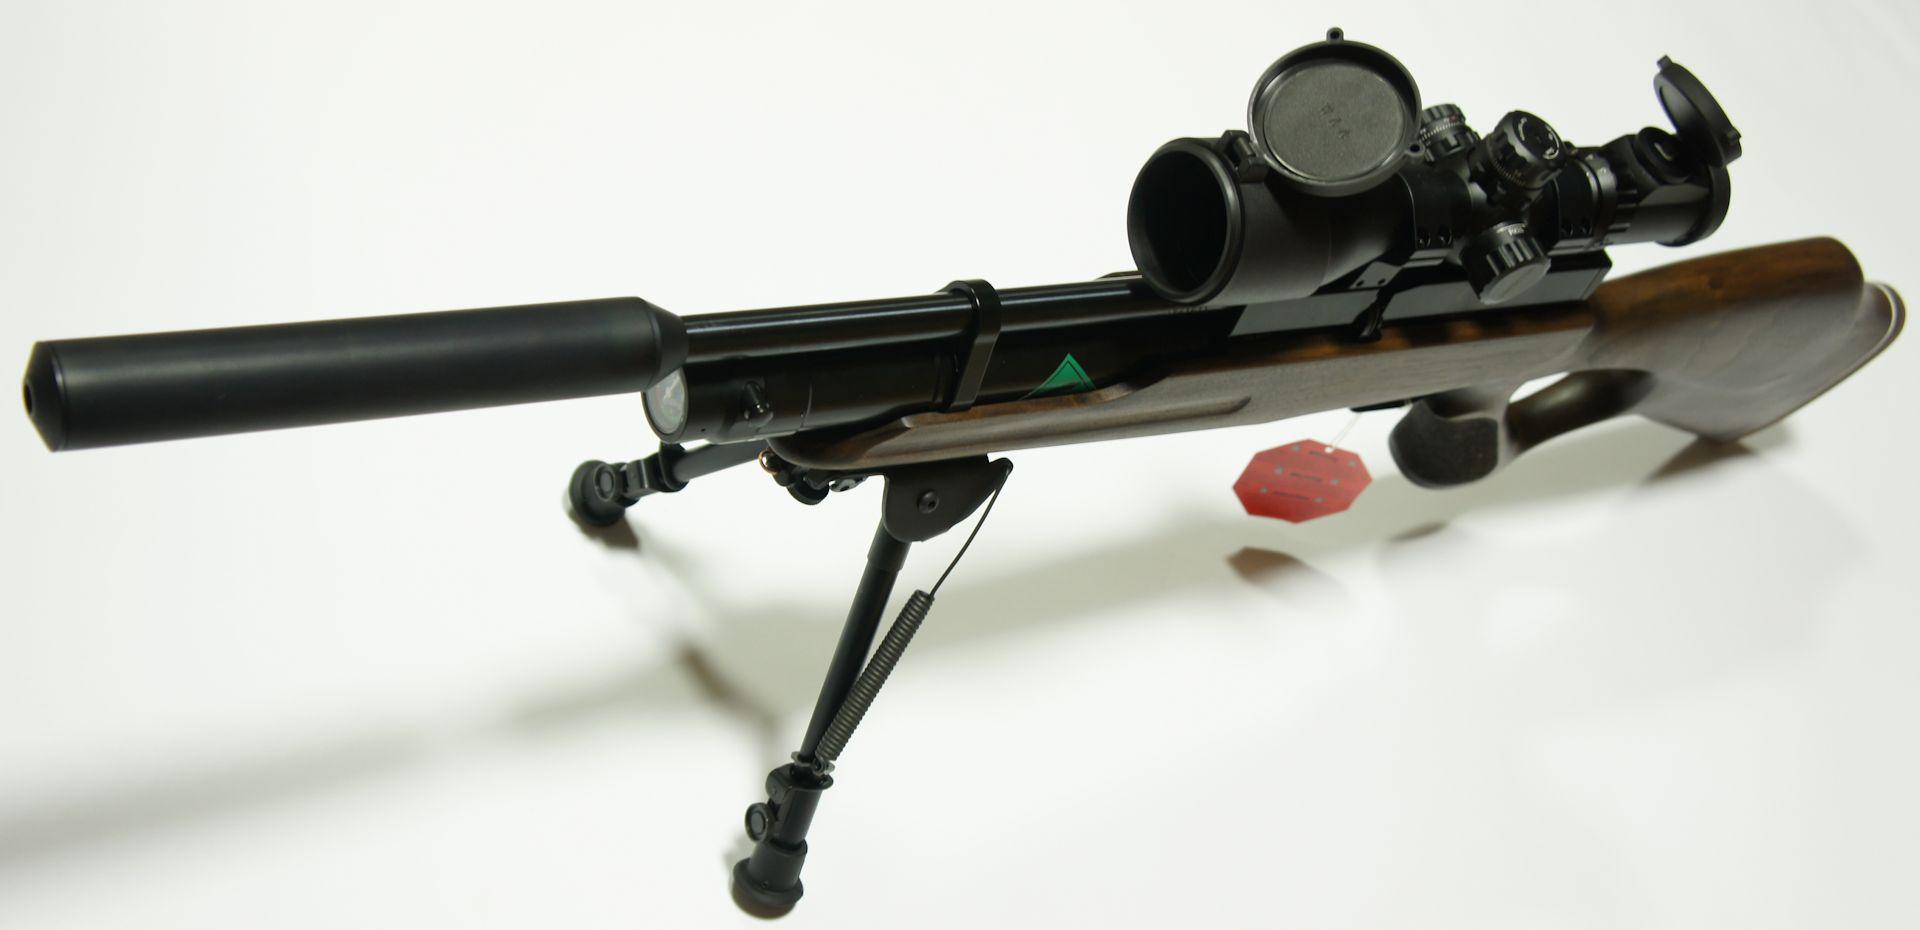 Das Harris- Zweibein ist von sehr guter Qualität und kann mit wenigen Handgriffen vom Luftgewehr abgenommen oder angesetzt werden.